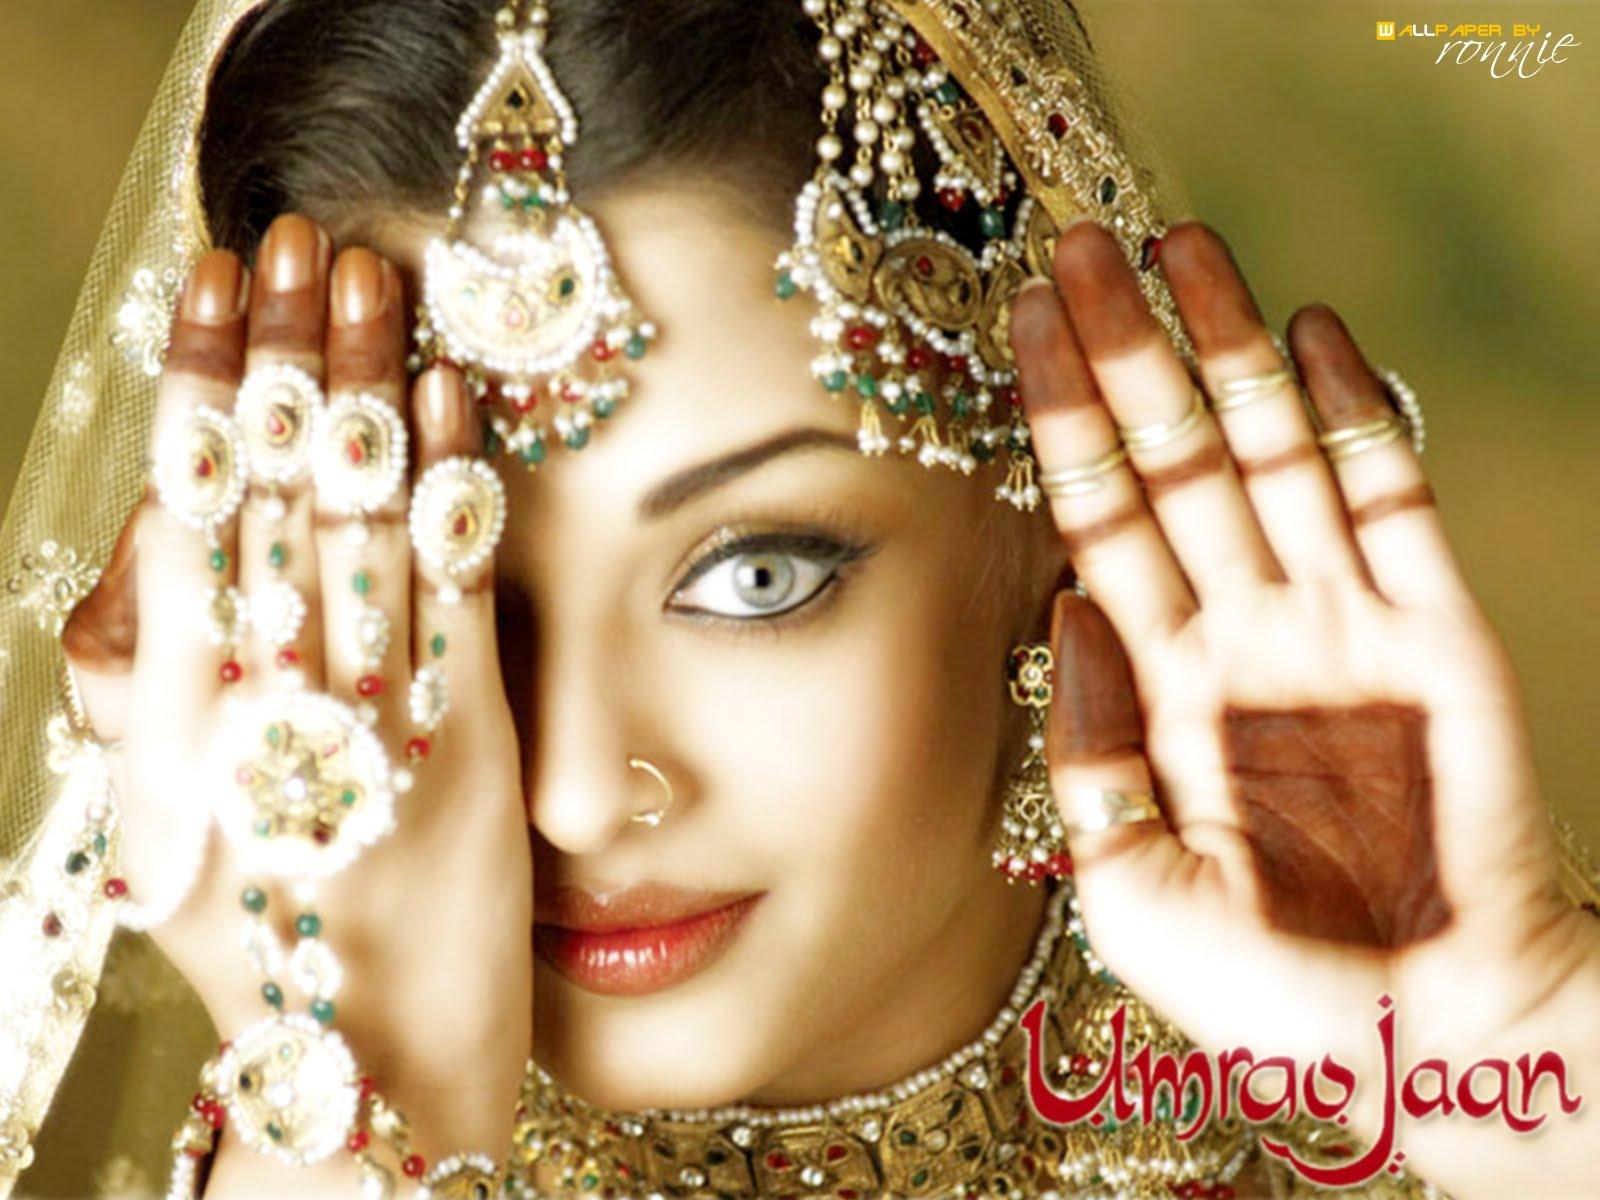 http://3.bp.blogspot.com/_W7qOKl3Waeg/TCT6aJGYbGI/AAAAAAAABhU/DauvxLuKb6c/s1600/aishwarya_rai_01.jpg